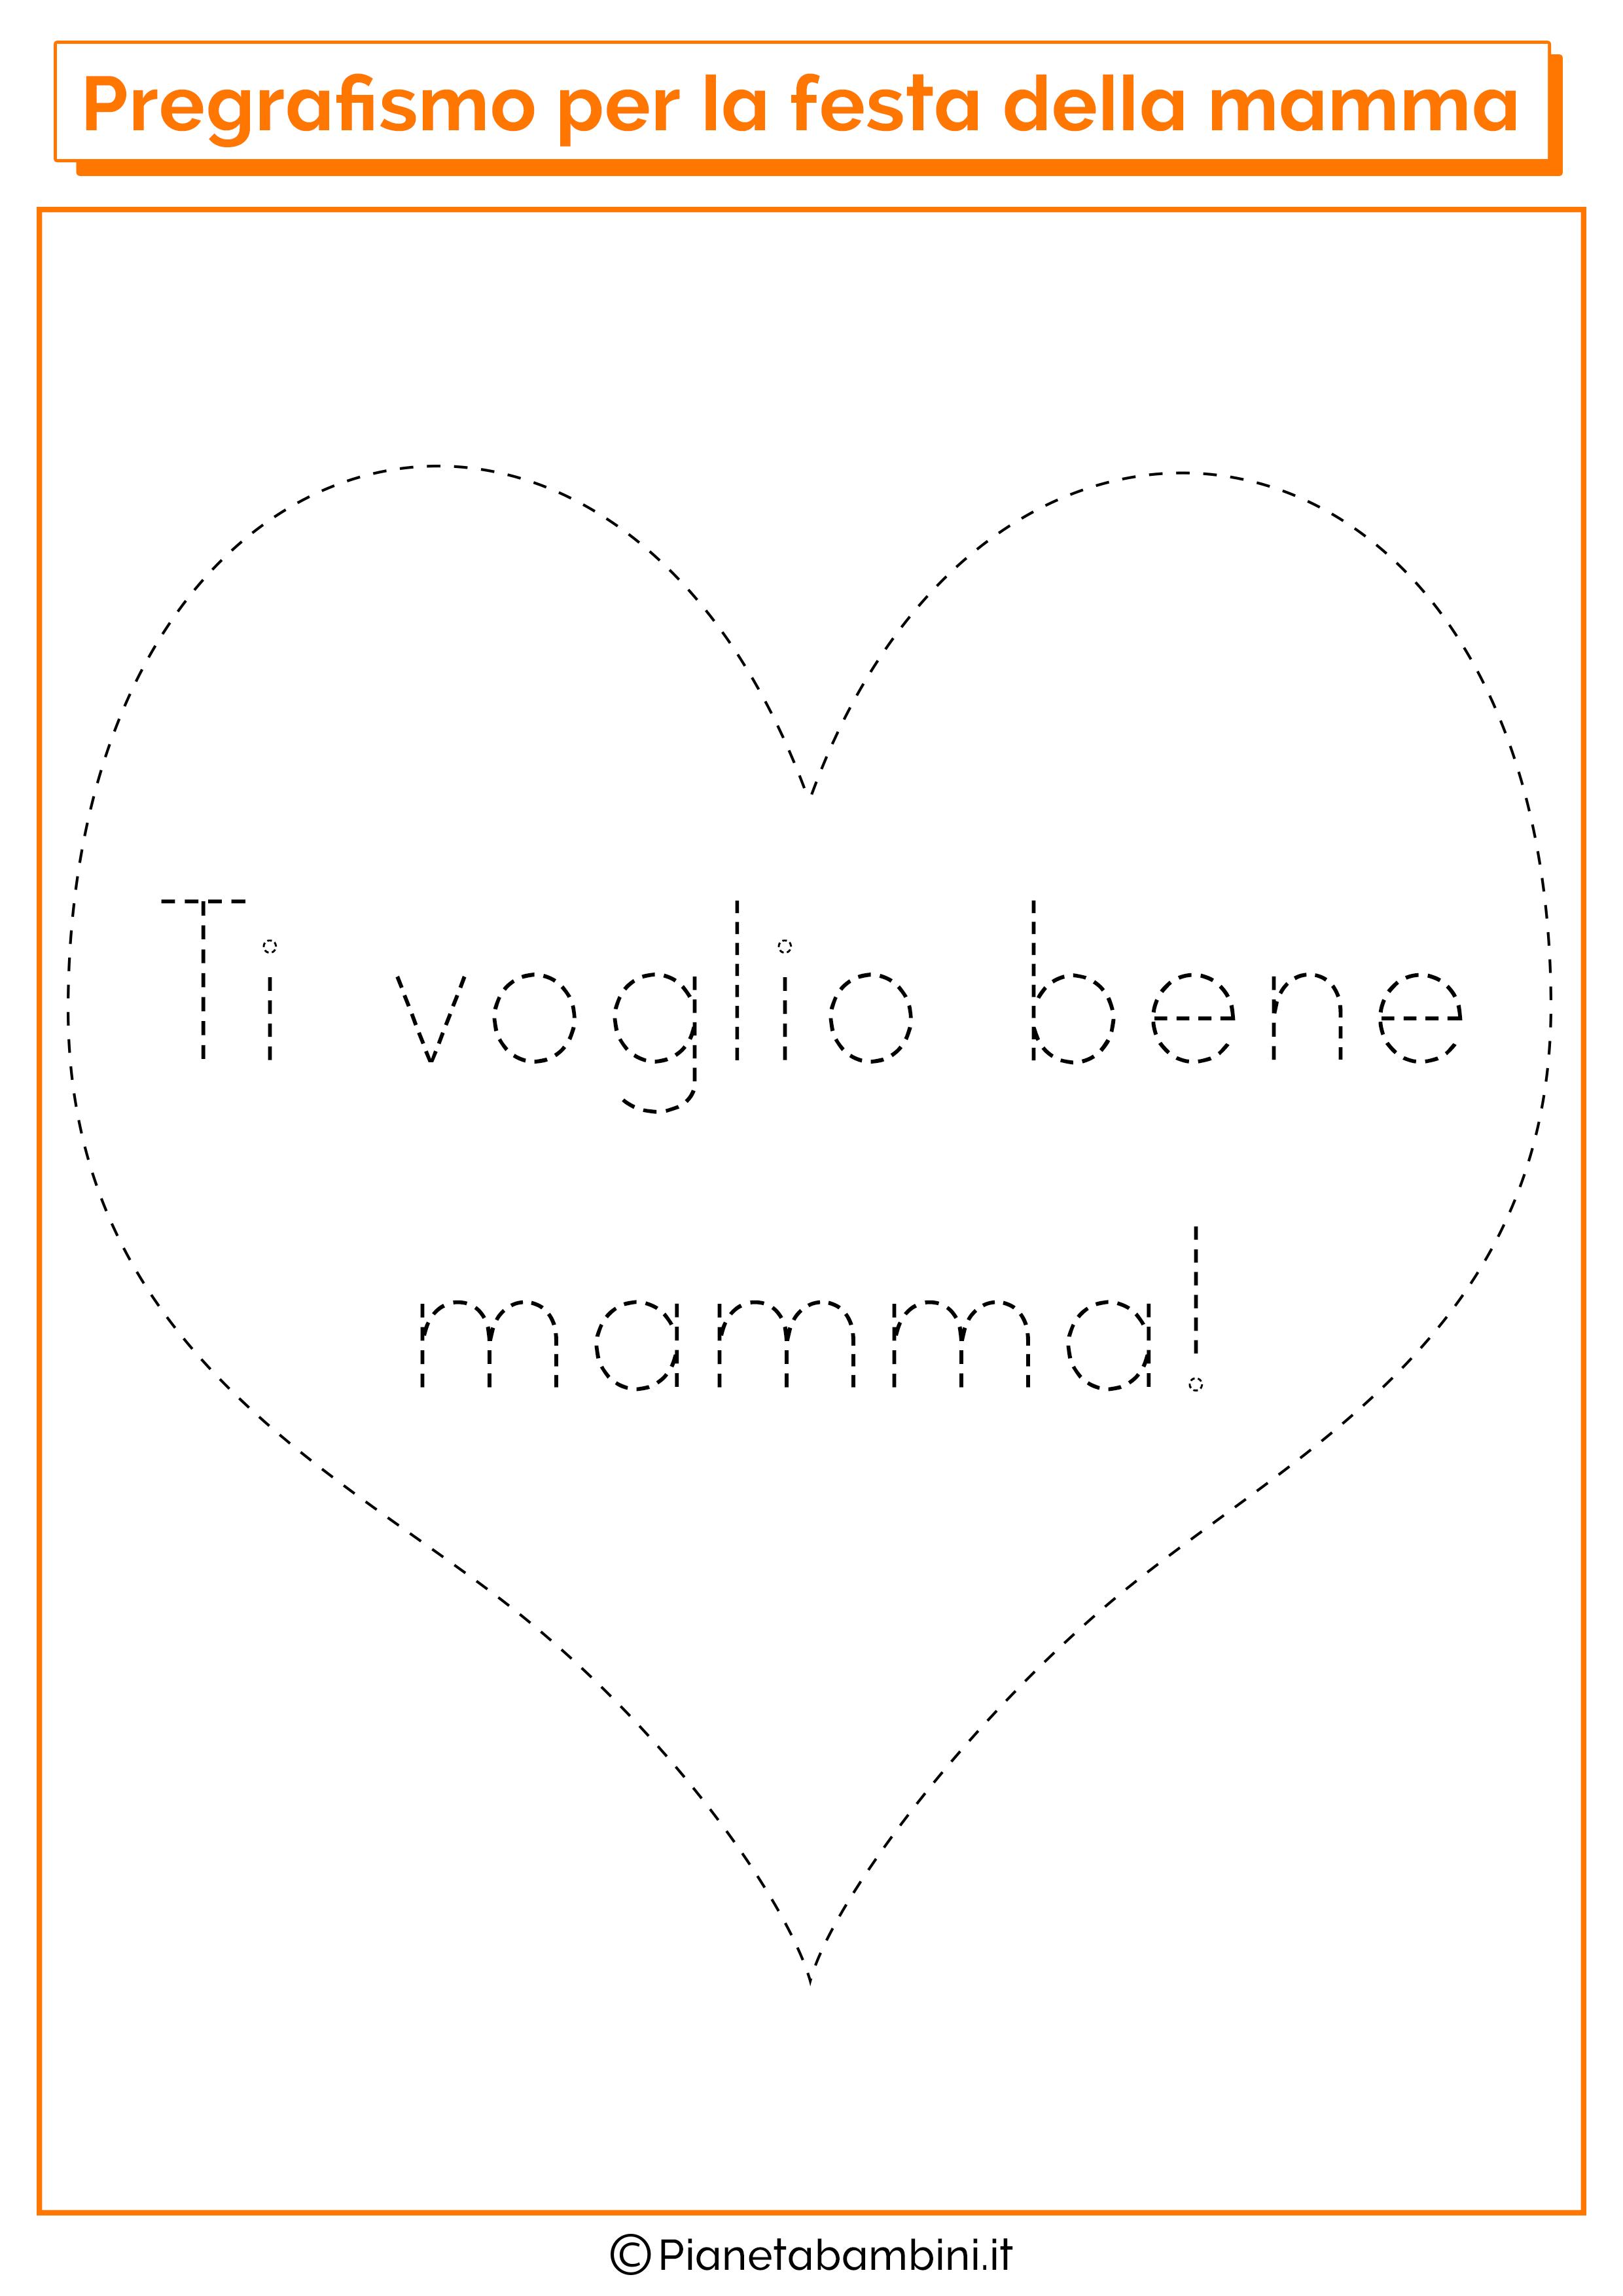 Pregrafismo-Festa-Della-Mamma-01